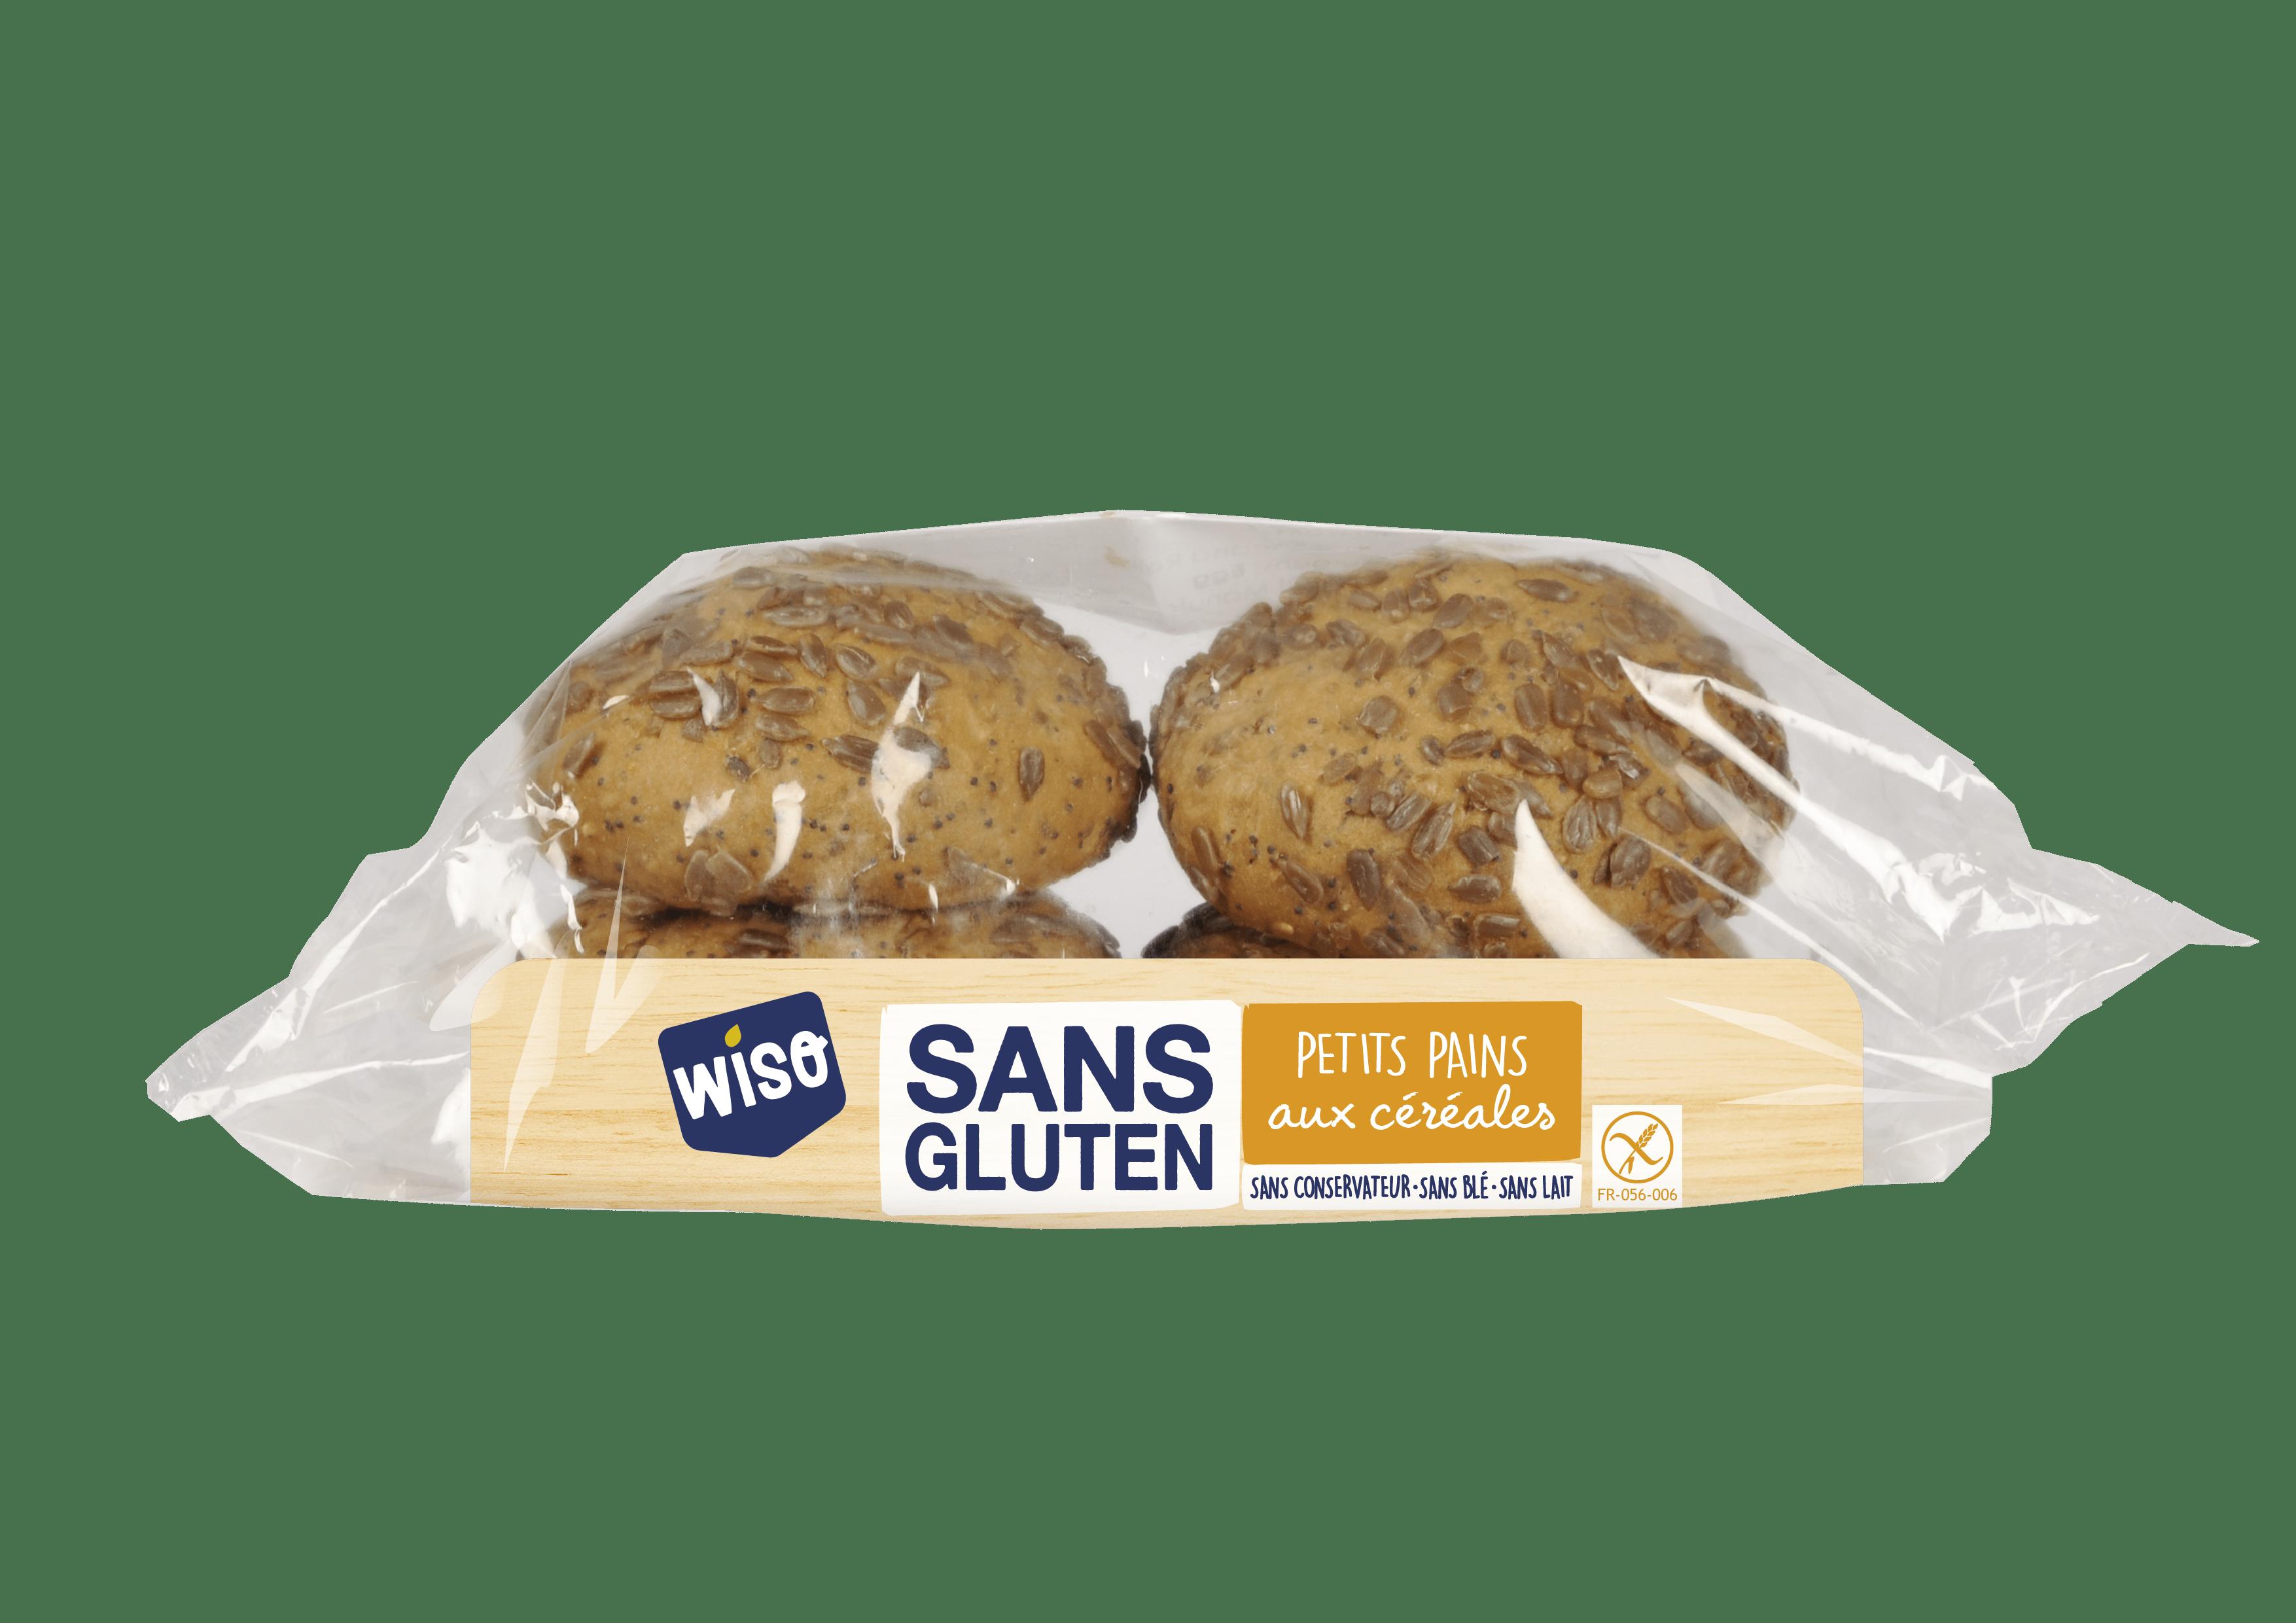 Petits pains aux céréales sans gluten